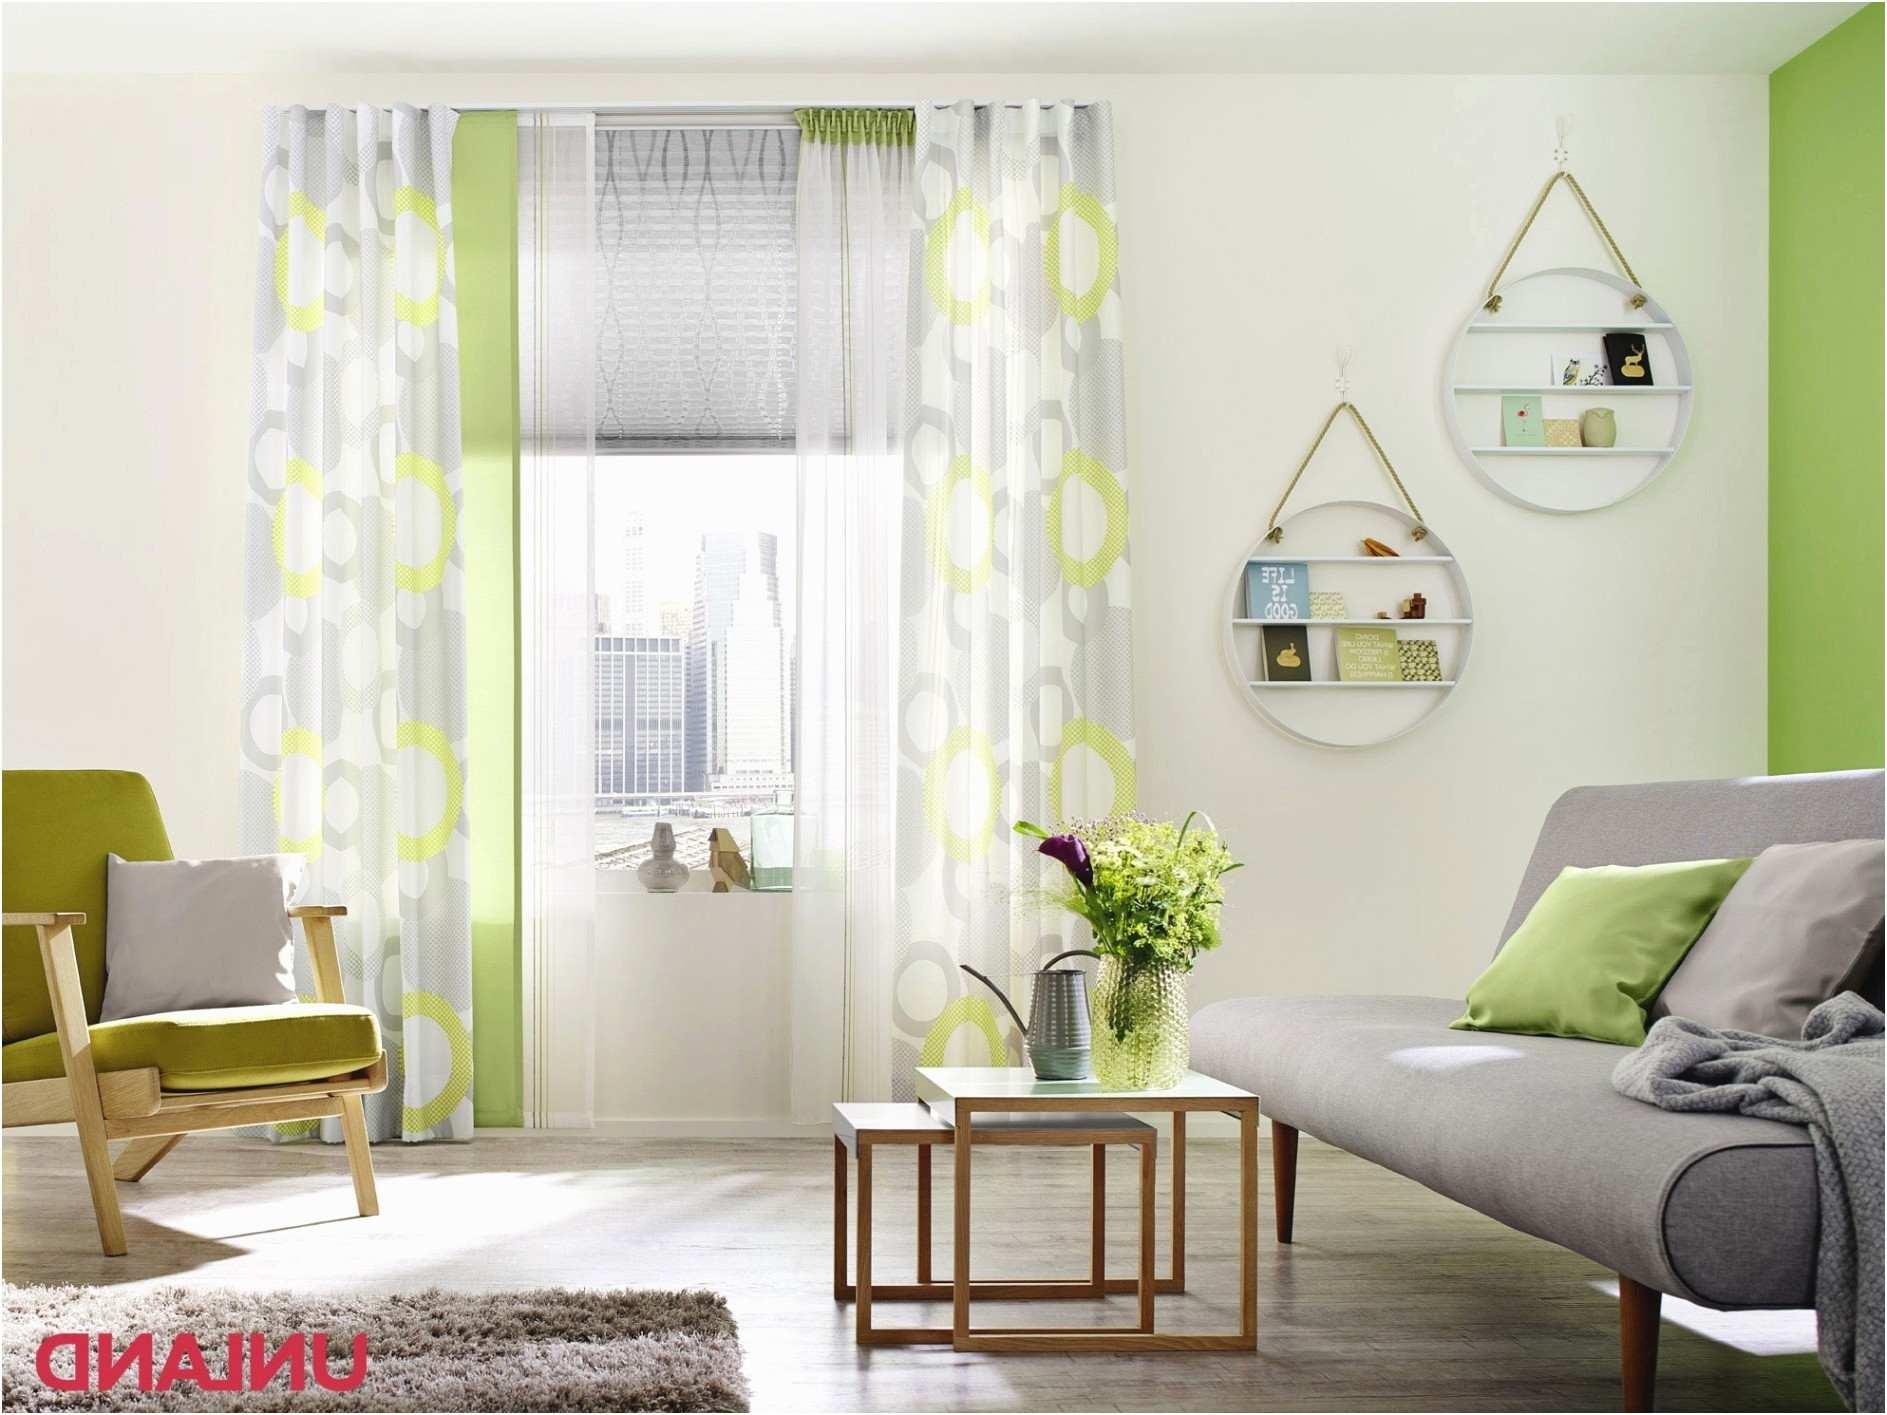 wohnzimmer mit kamin reizend authentisch ausgefallene couchzuhause schonheiten zuhause of wohnzimmer mit kamin